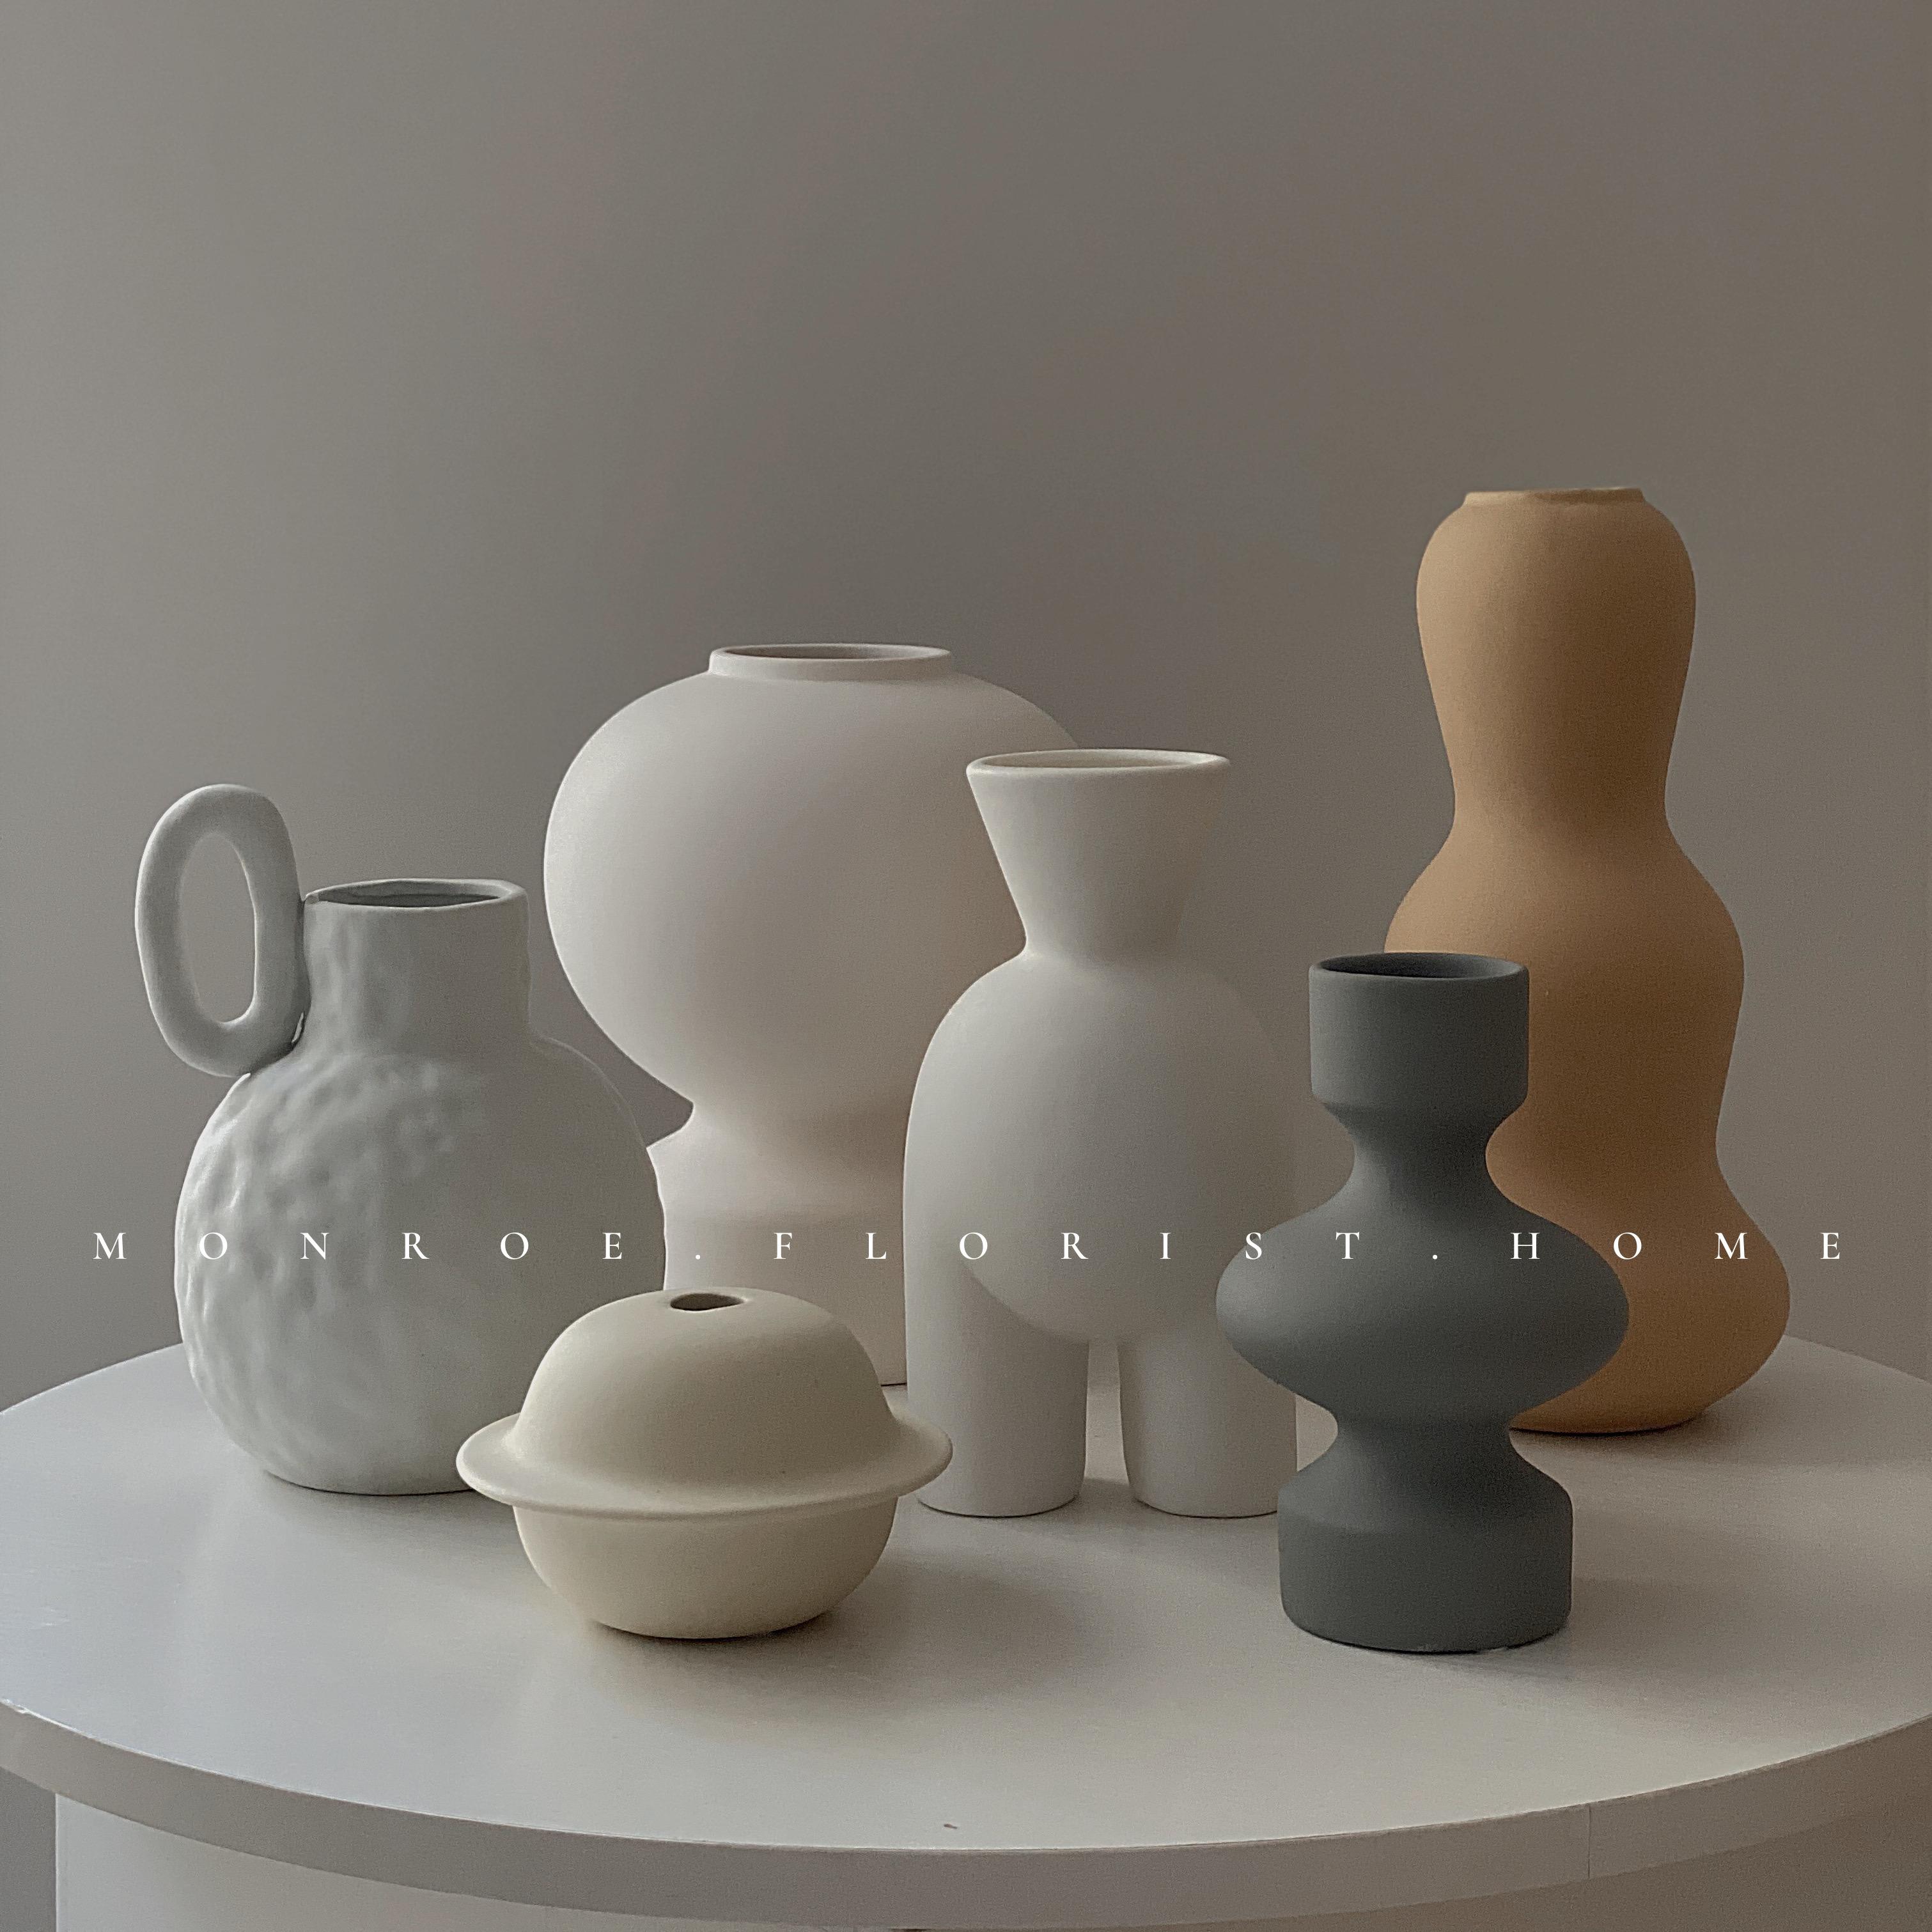 【MONROE 梦鹿工作室】家居装饰陶瓷花瓶北欧客厅卧室餐厅设计师